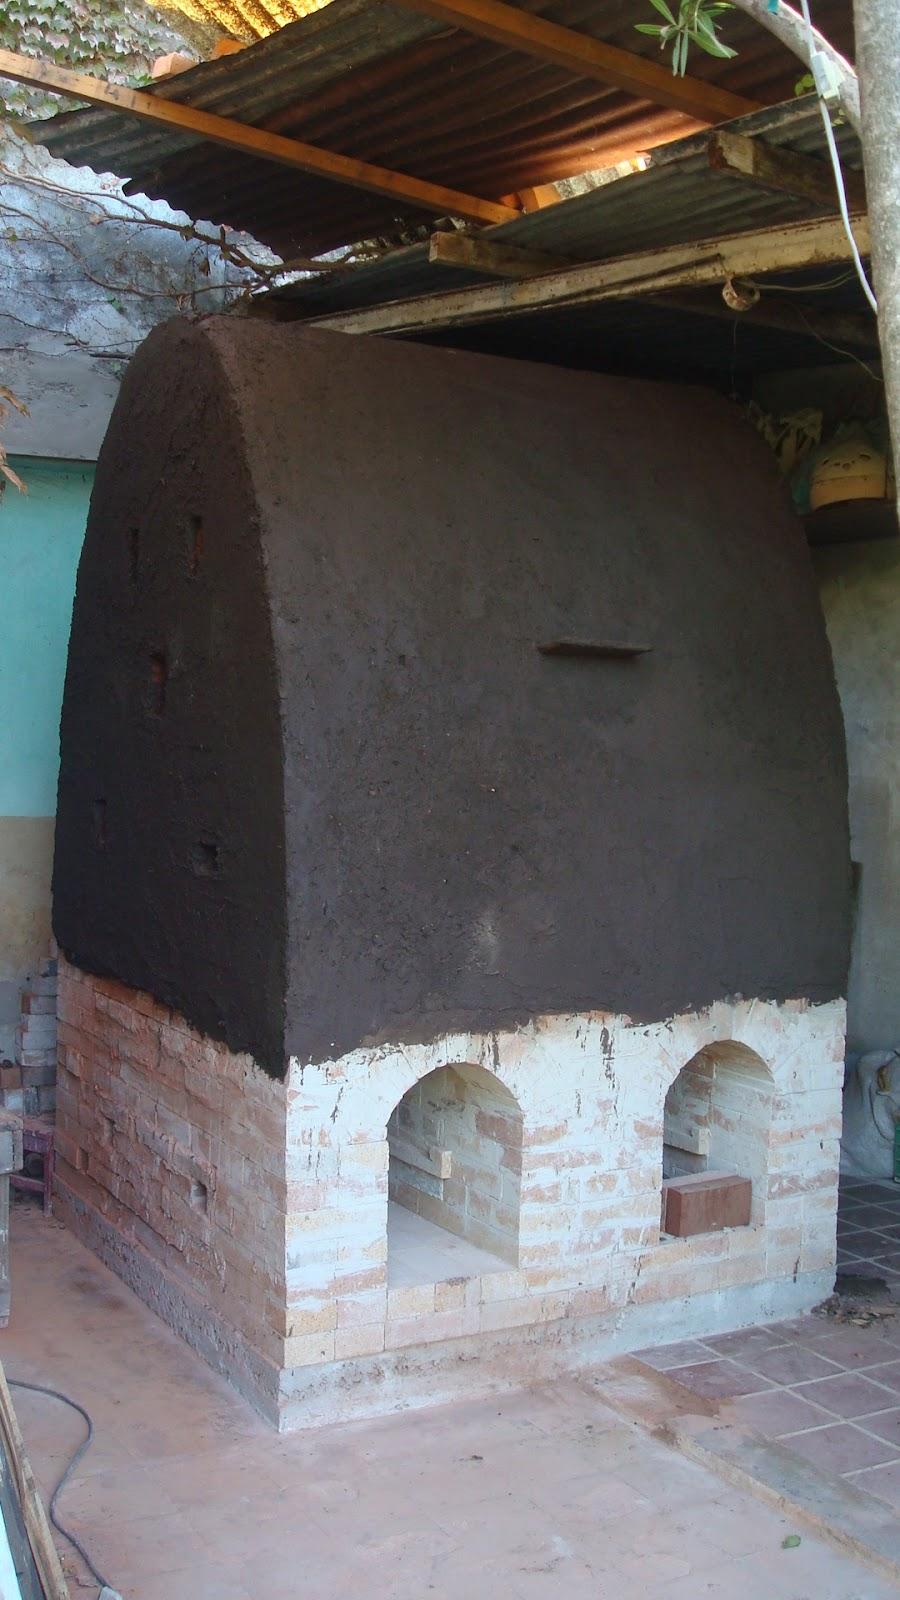 E t c construcci n de nuestro horno a le a - Construccion de un horno de lena ...